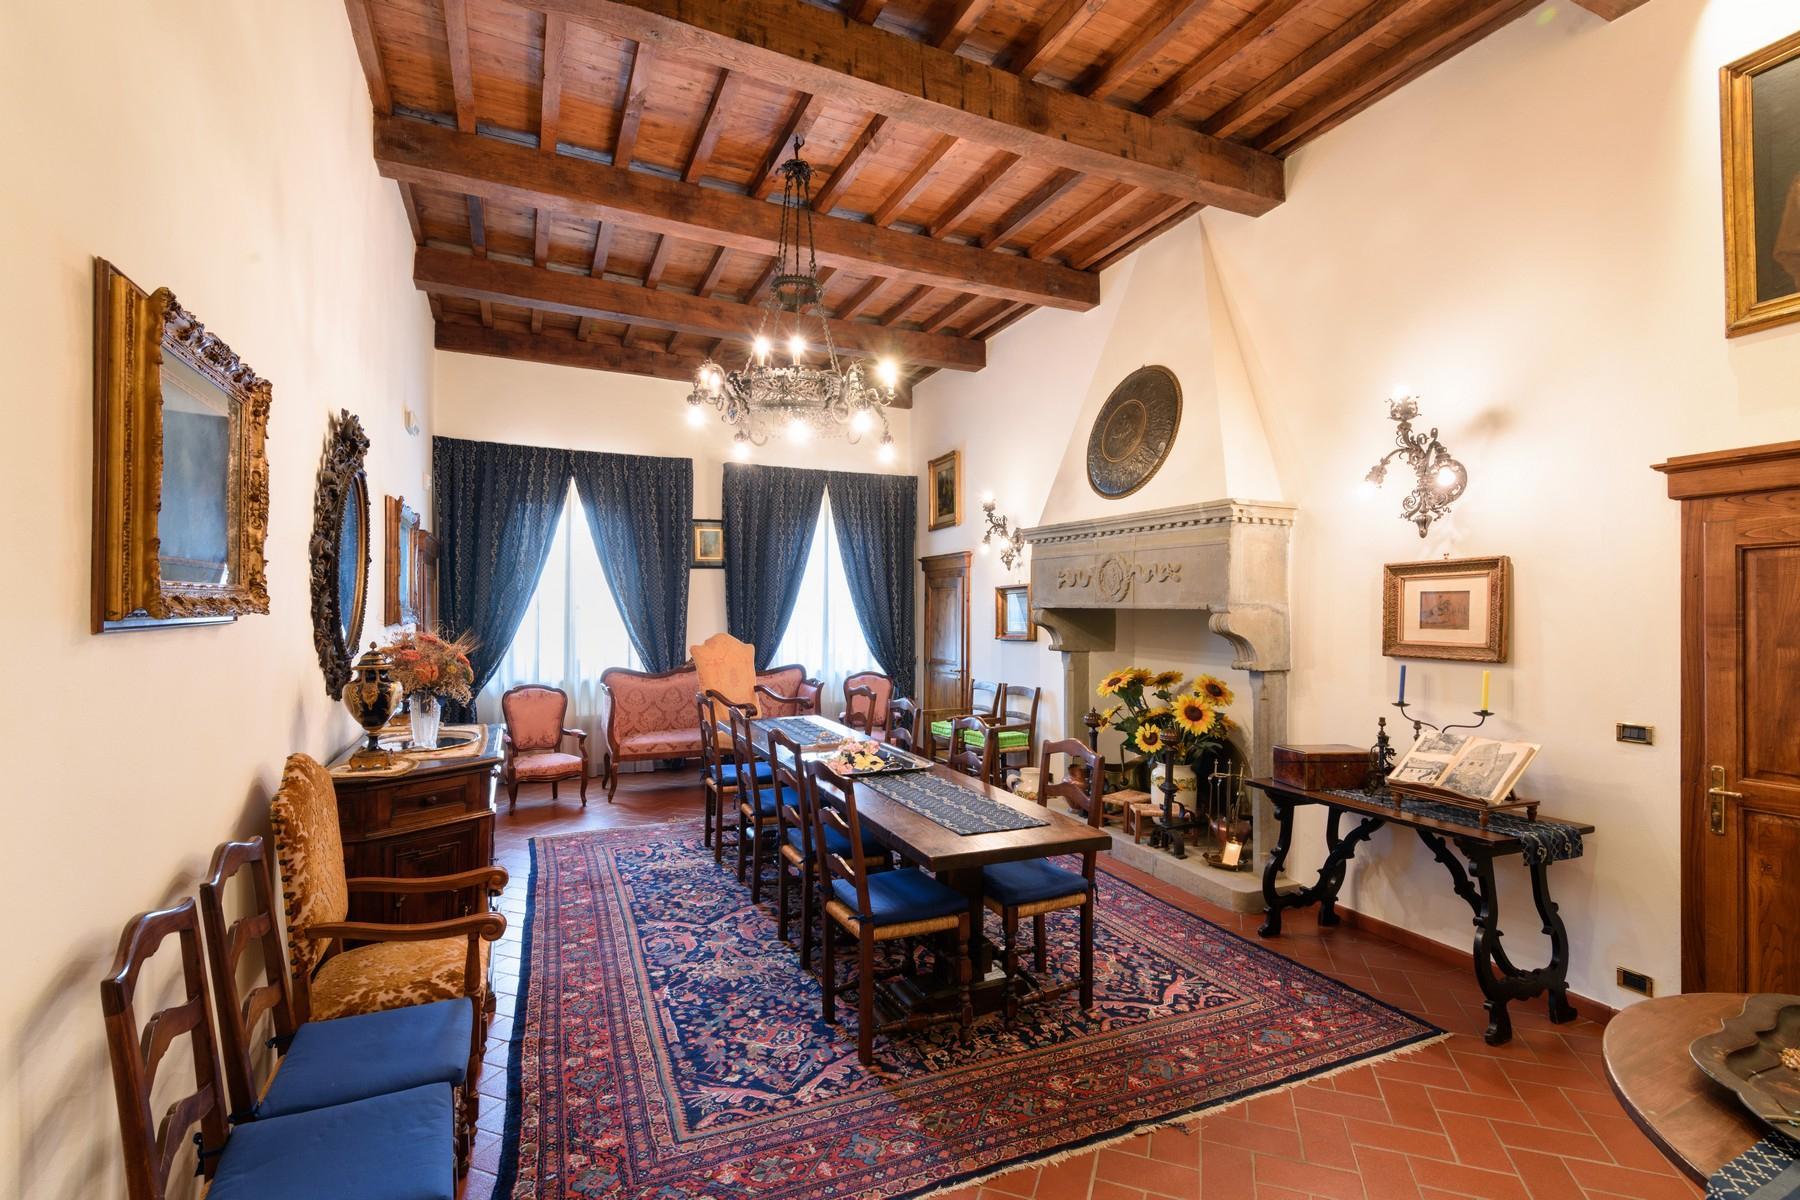 Val di Chiana中心地带10世纪的建筑 - 8